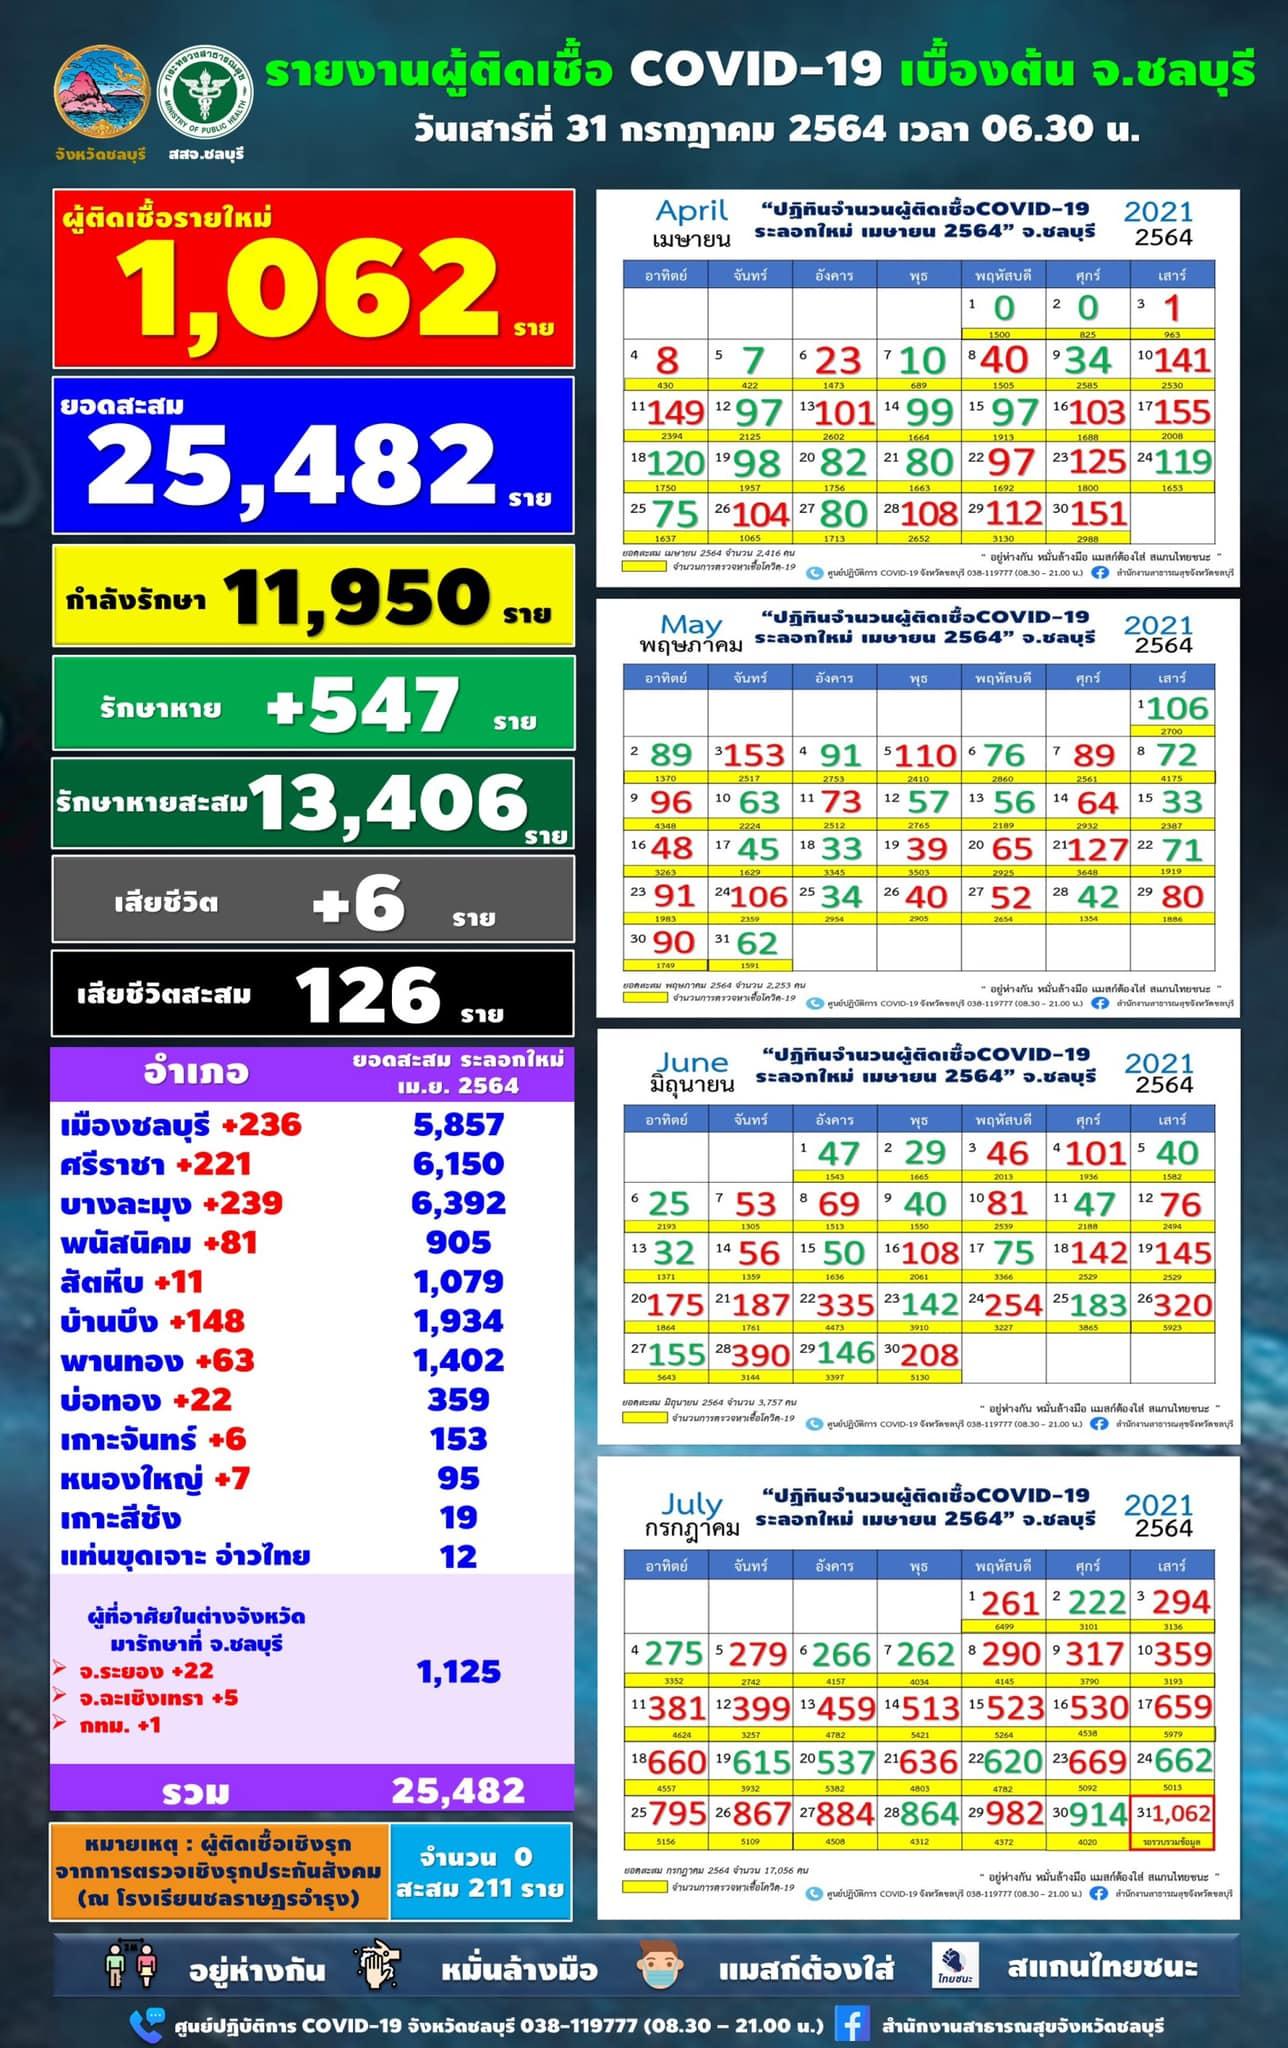 チョンブリ県 1,062人陽性/パタヤ239人/ムアン236人/シラチャ221人[2021年7月31日]